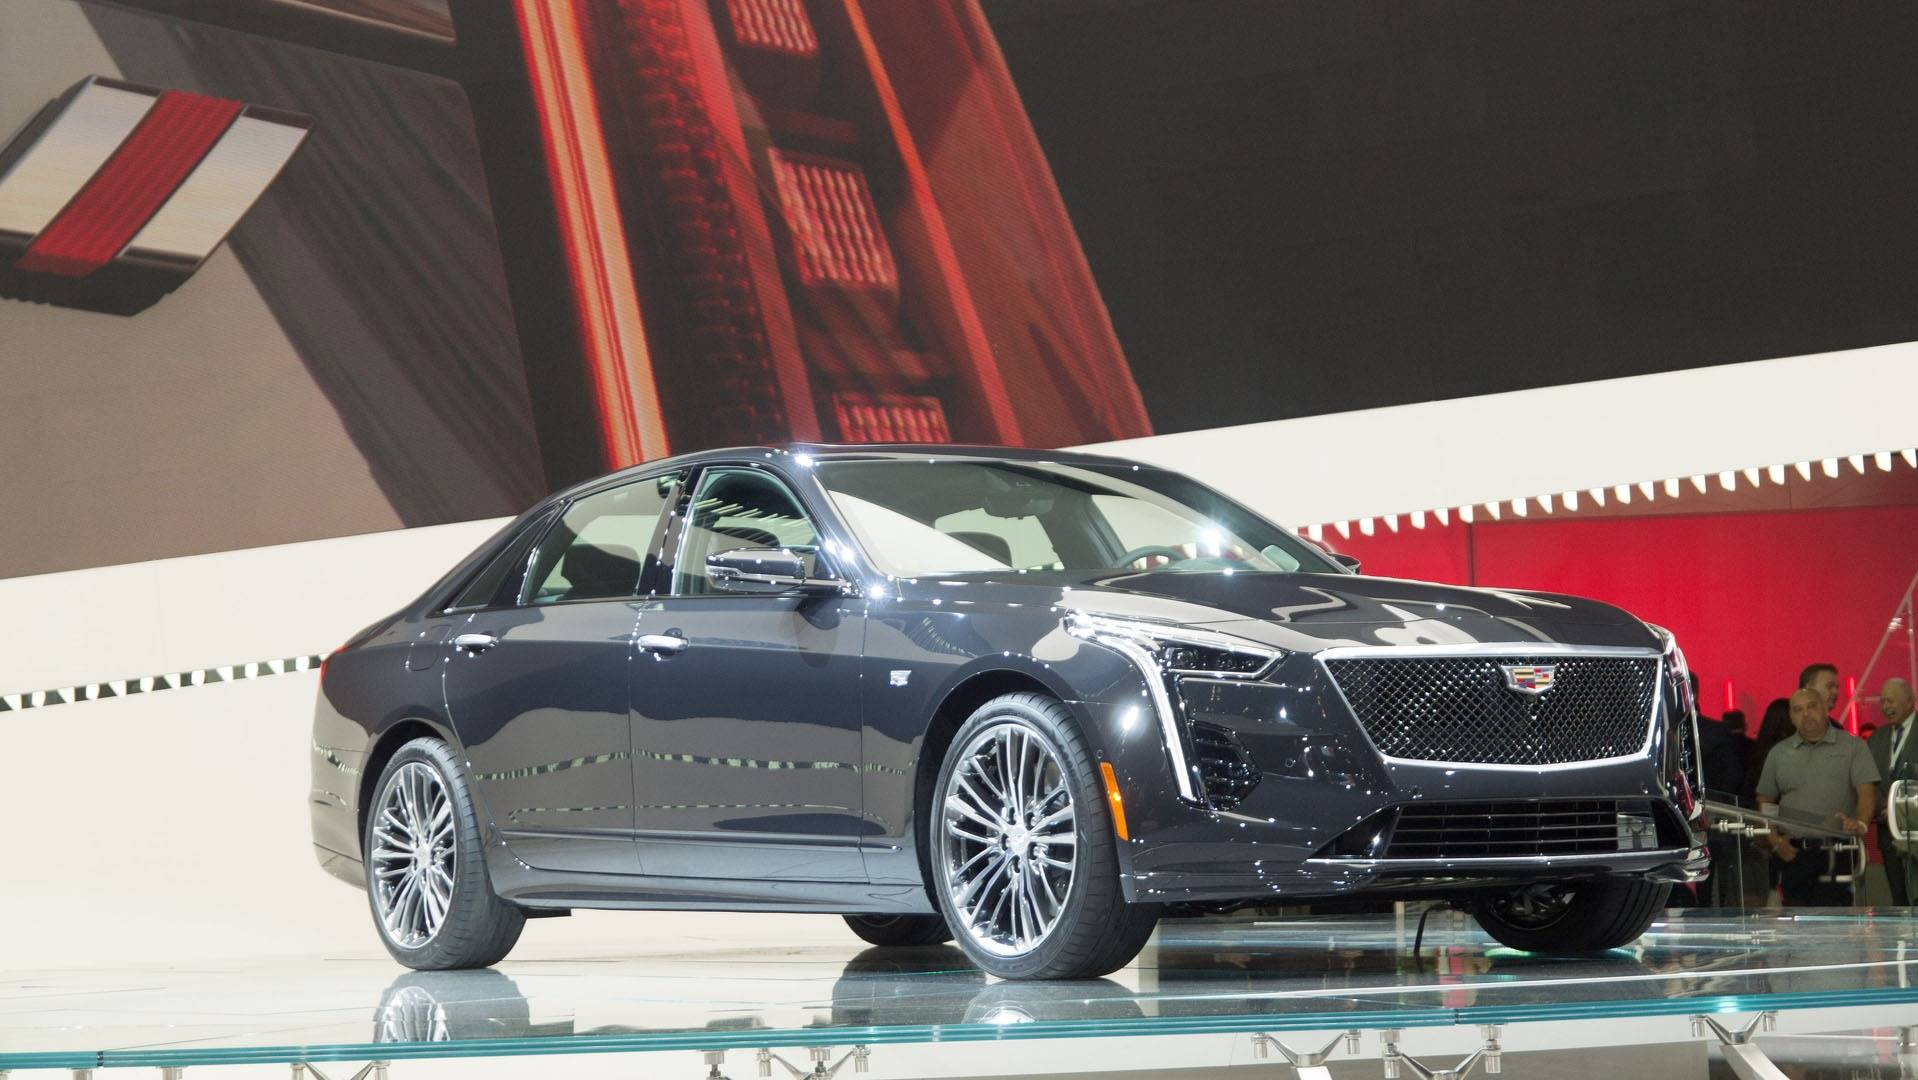 下一代凯迪拉克ct6豪华轿车或将放弃2.0t涡轮增压